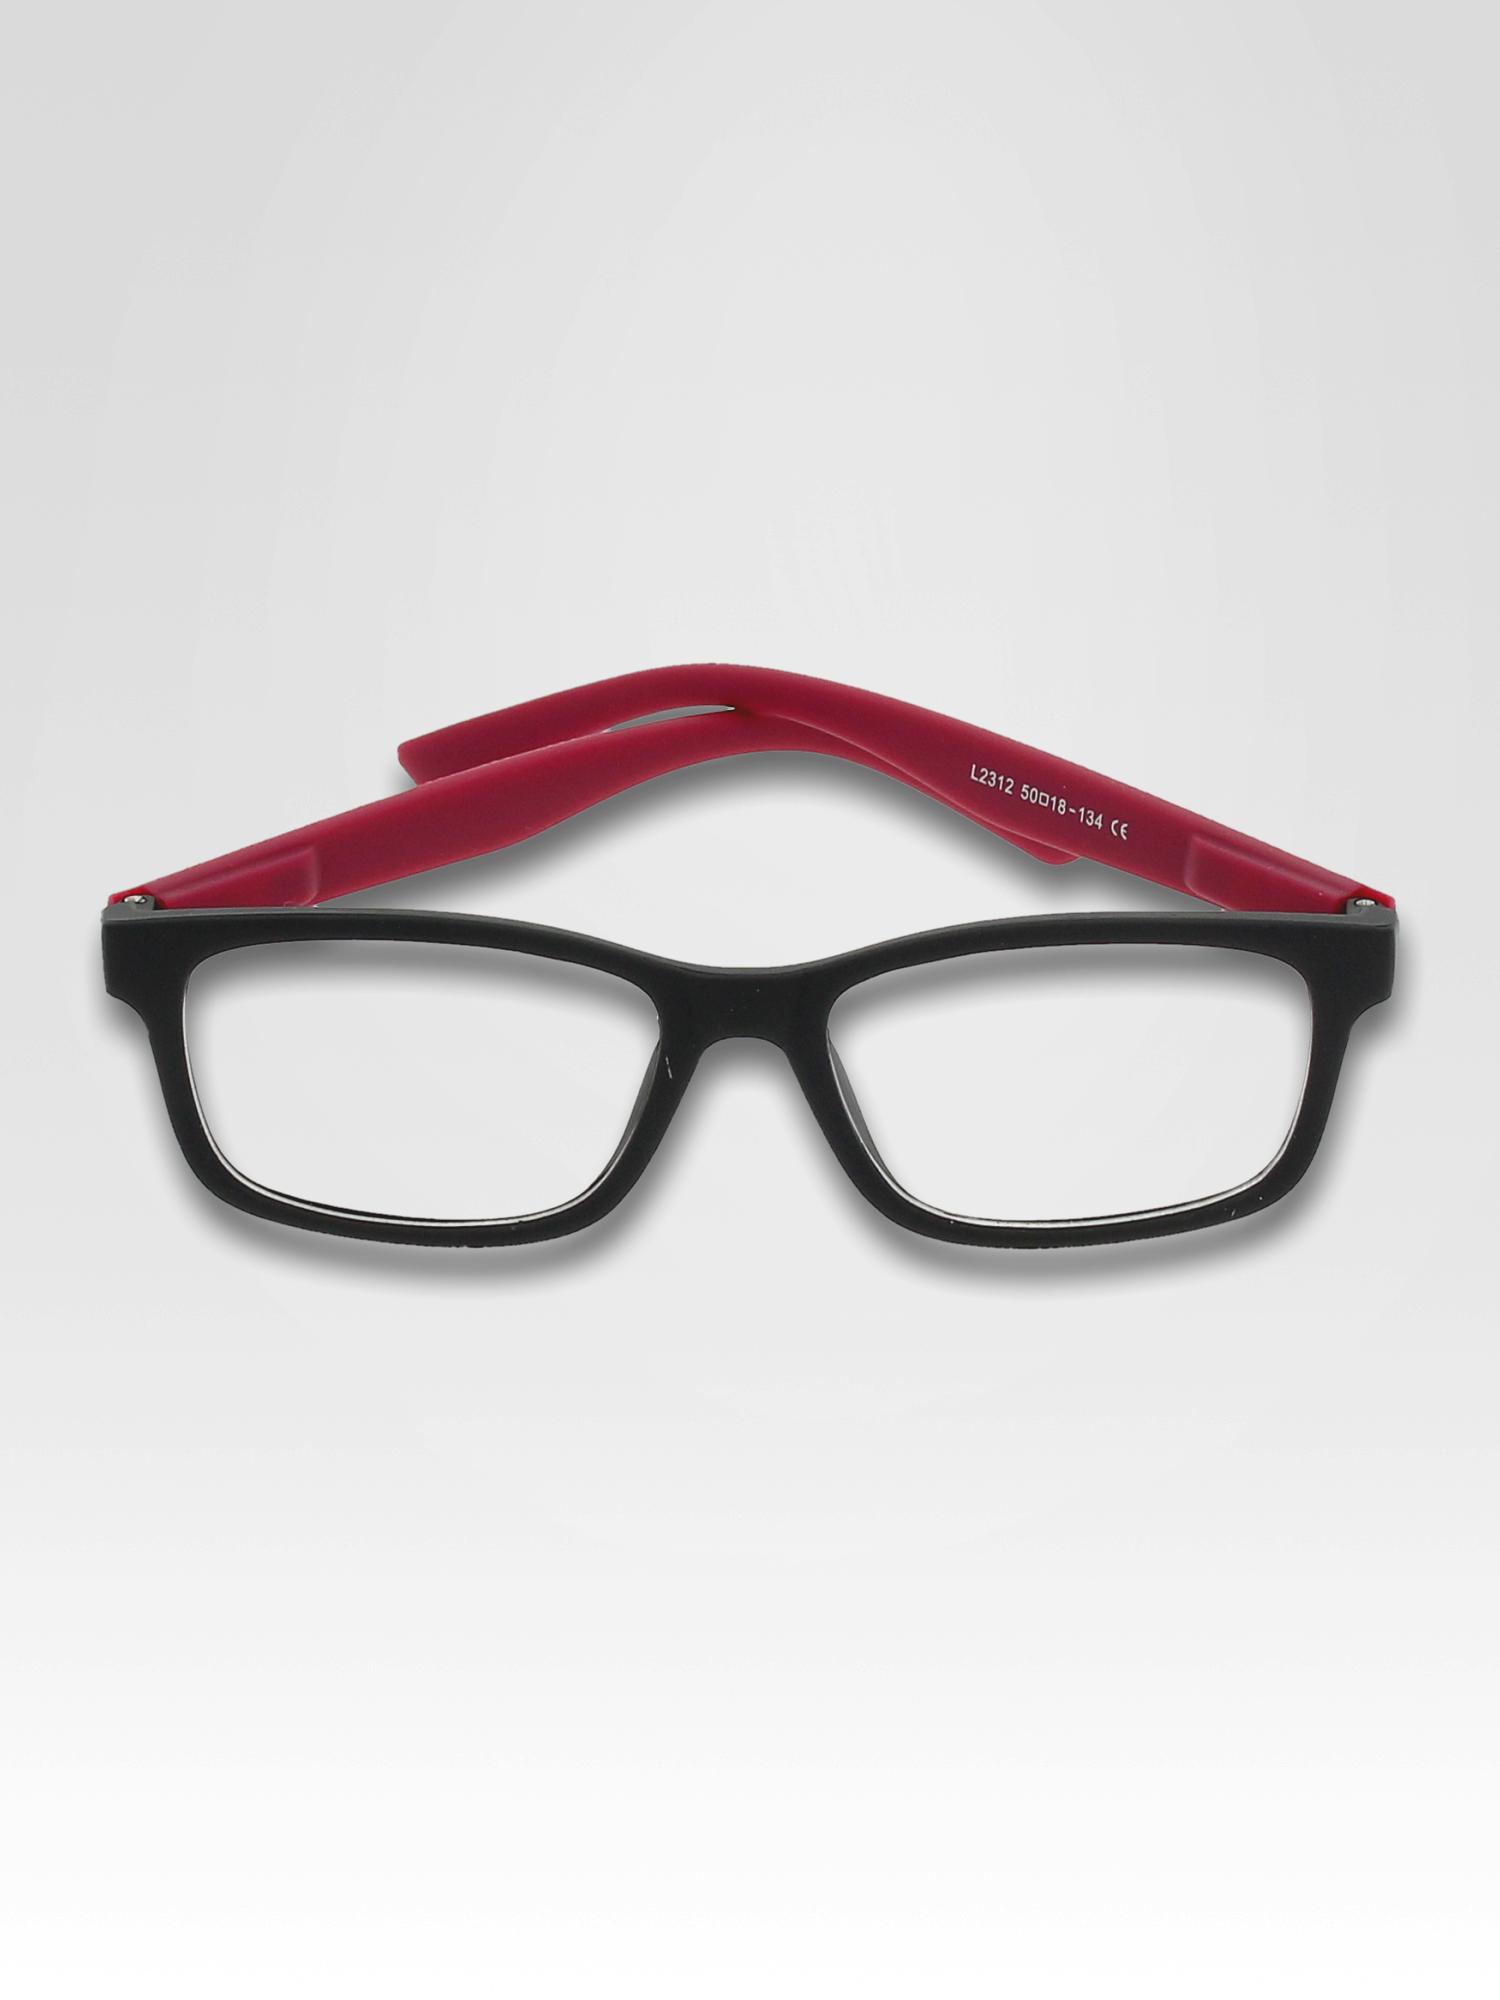 Fioletowo-czarne okulary zerówki kujonki typu WAYFARER NERDY matowe                                  zdj.                                  1